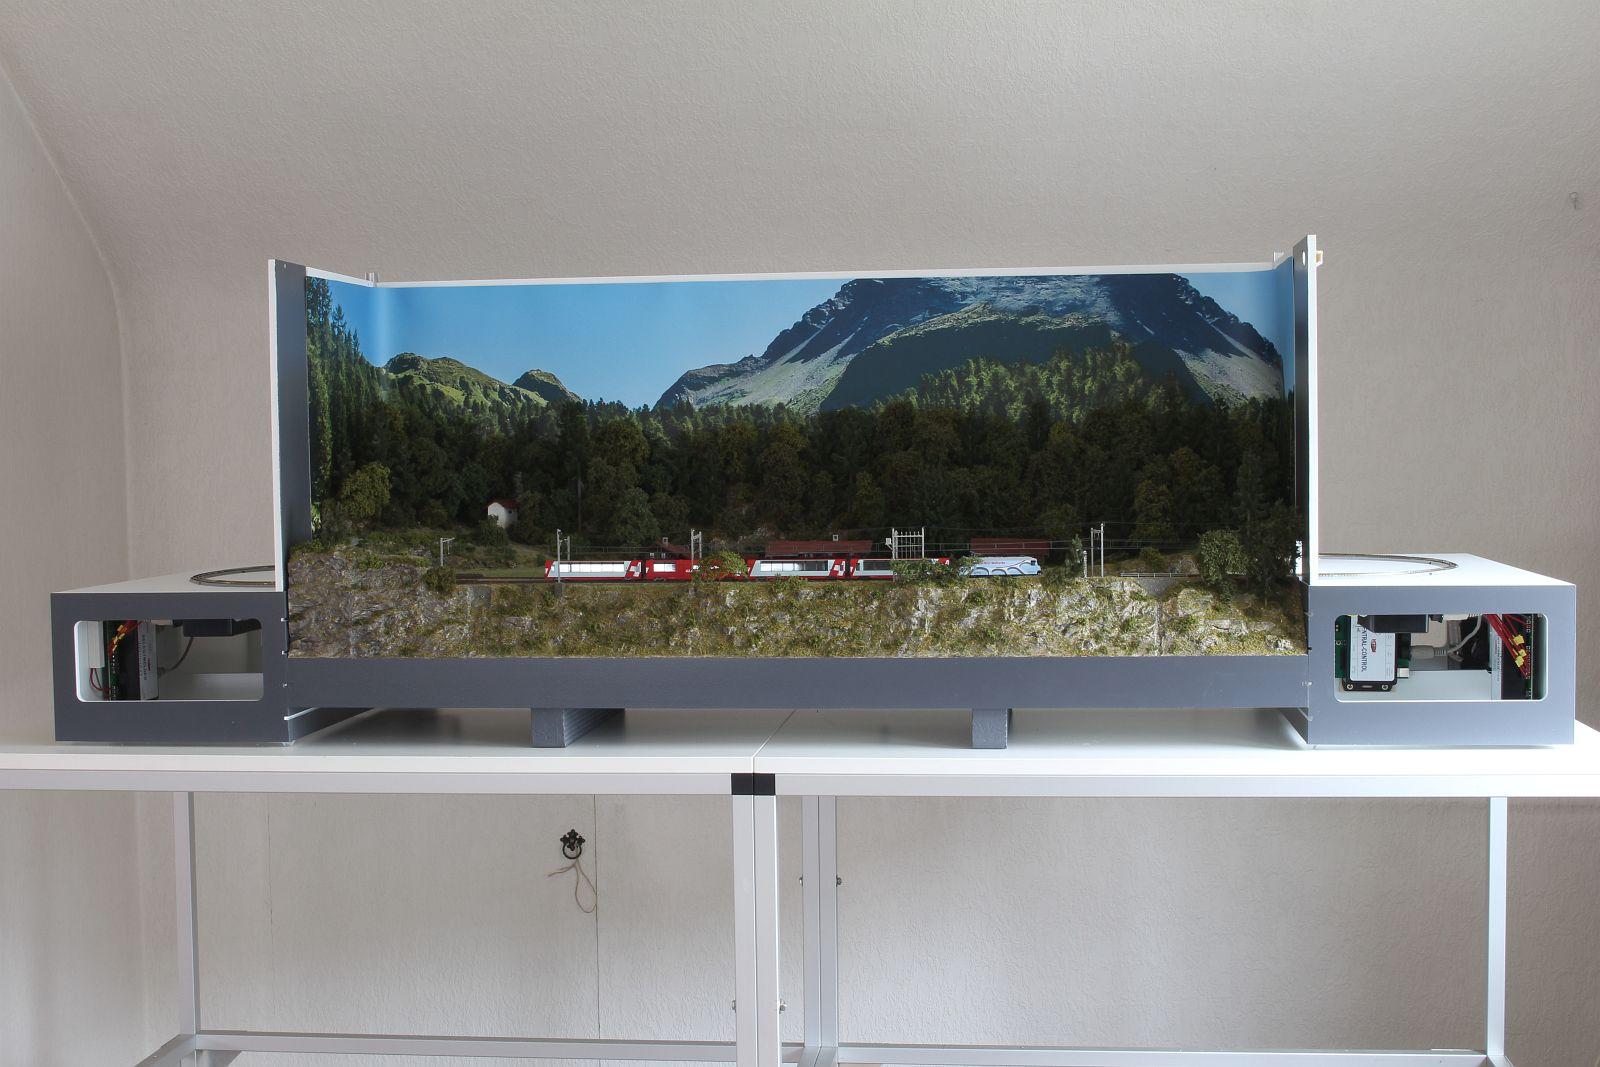 Präsentationsdiorama mit Hintergrund